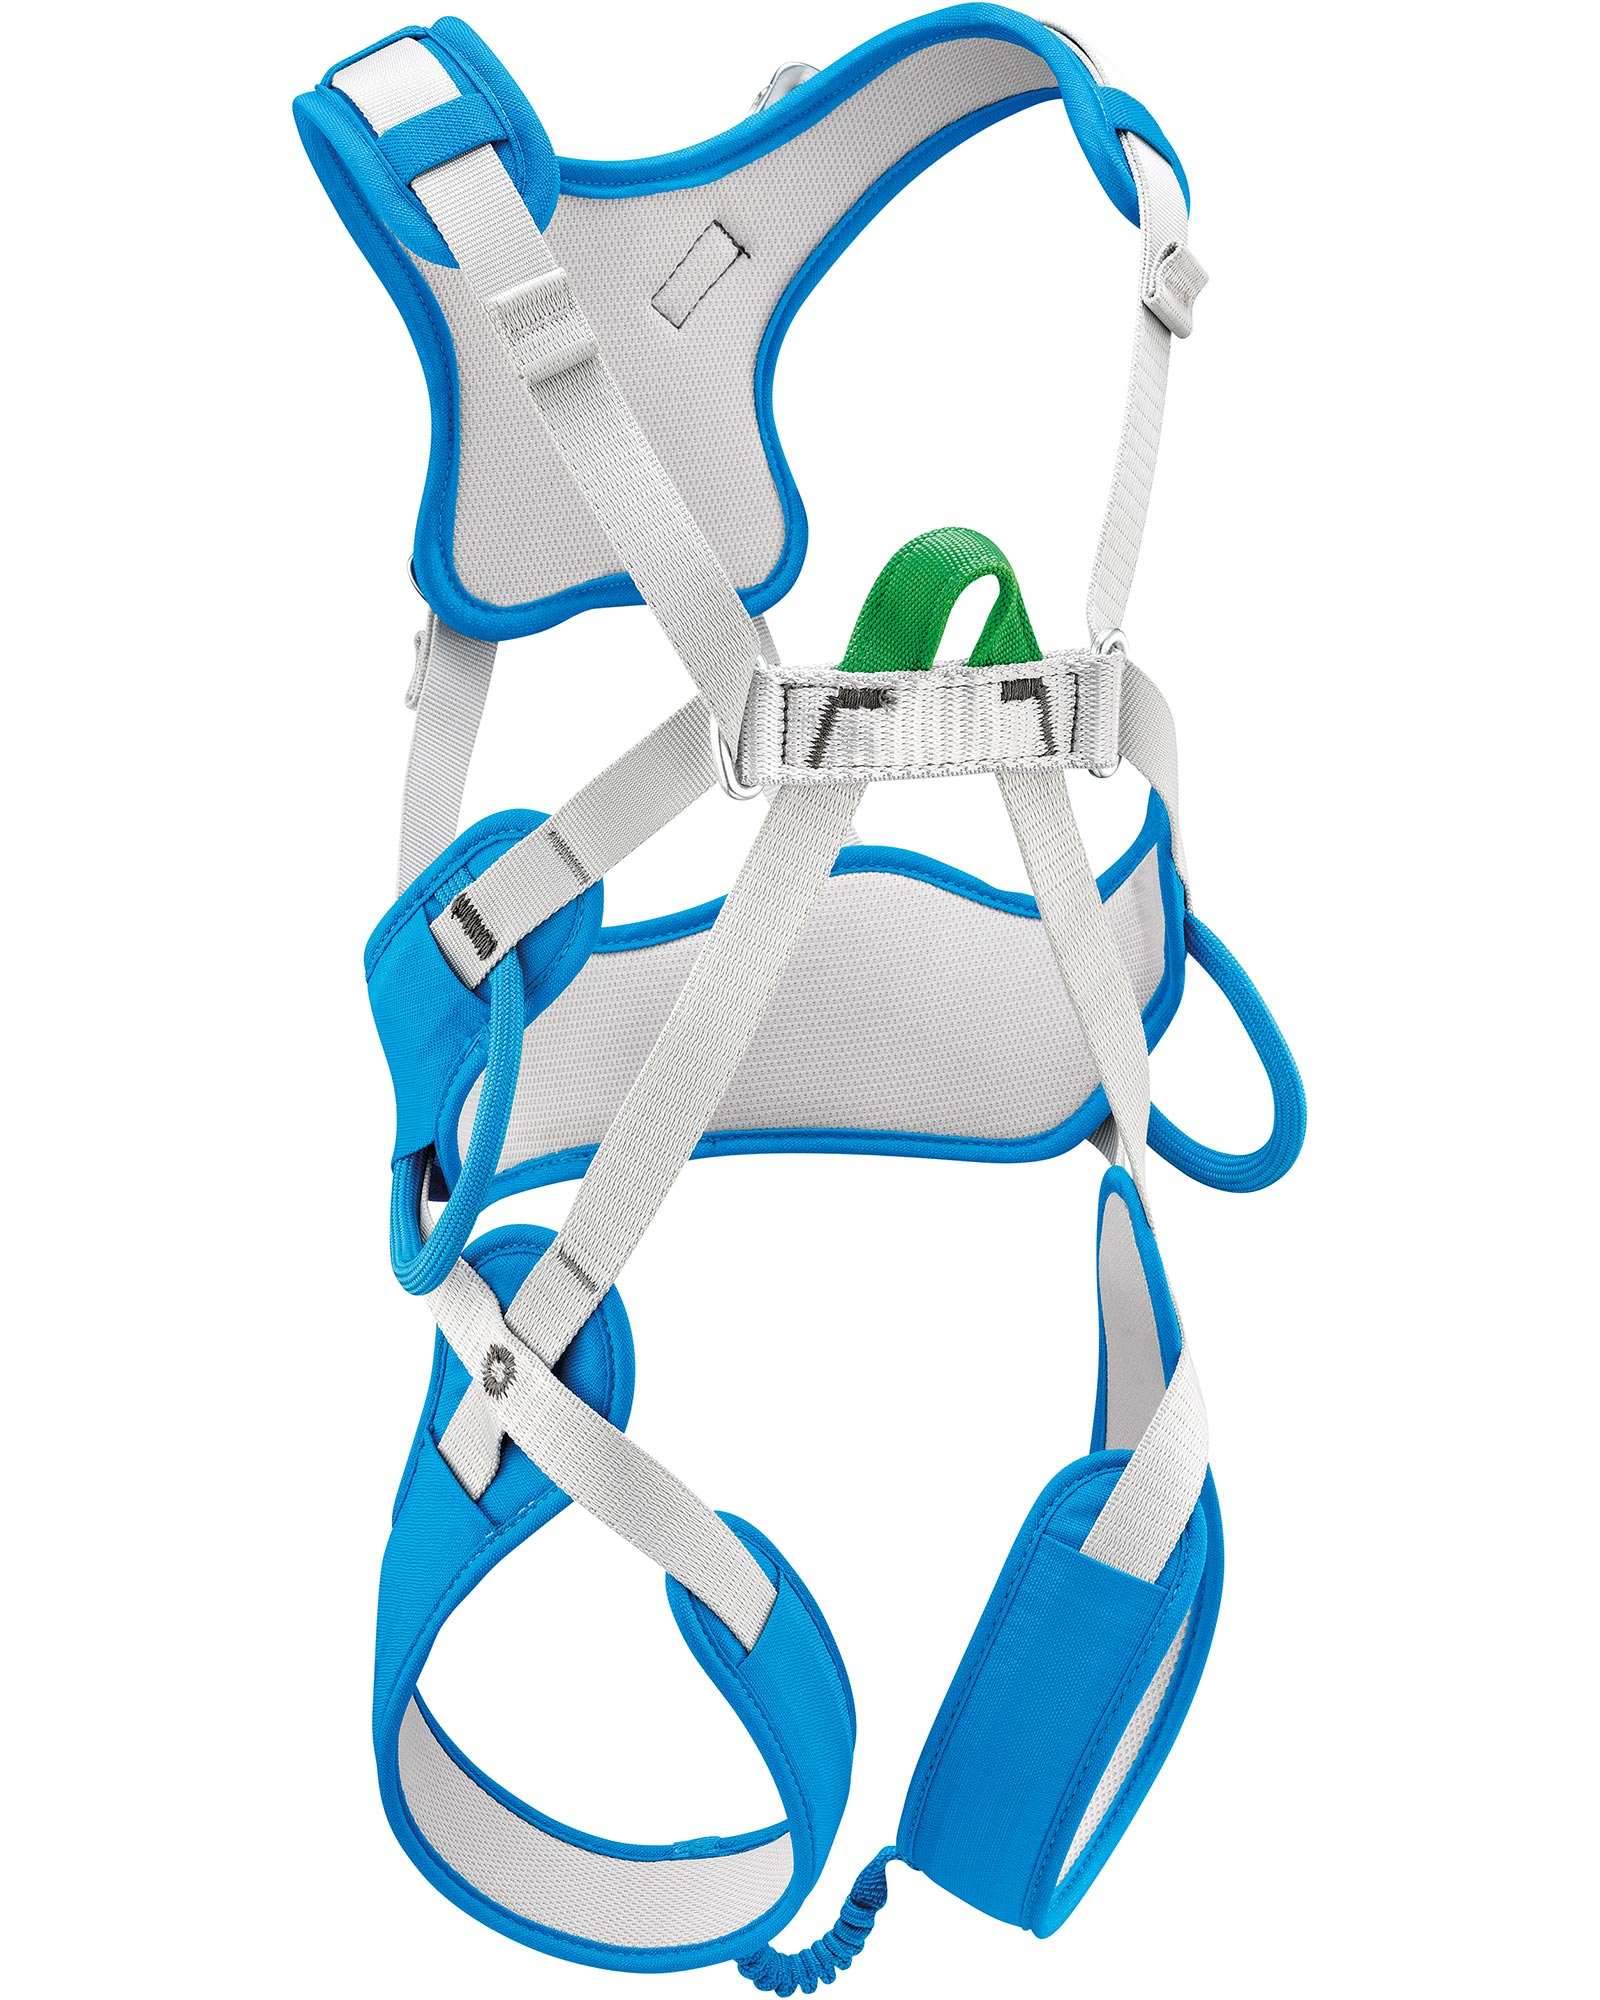 Petzl Kids' Ouistiti Climbing Harness 0